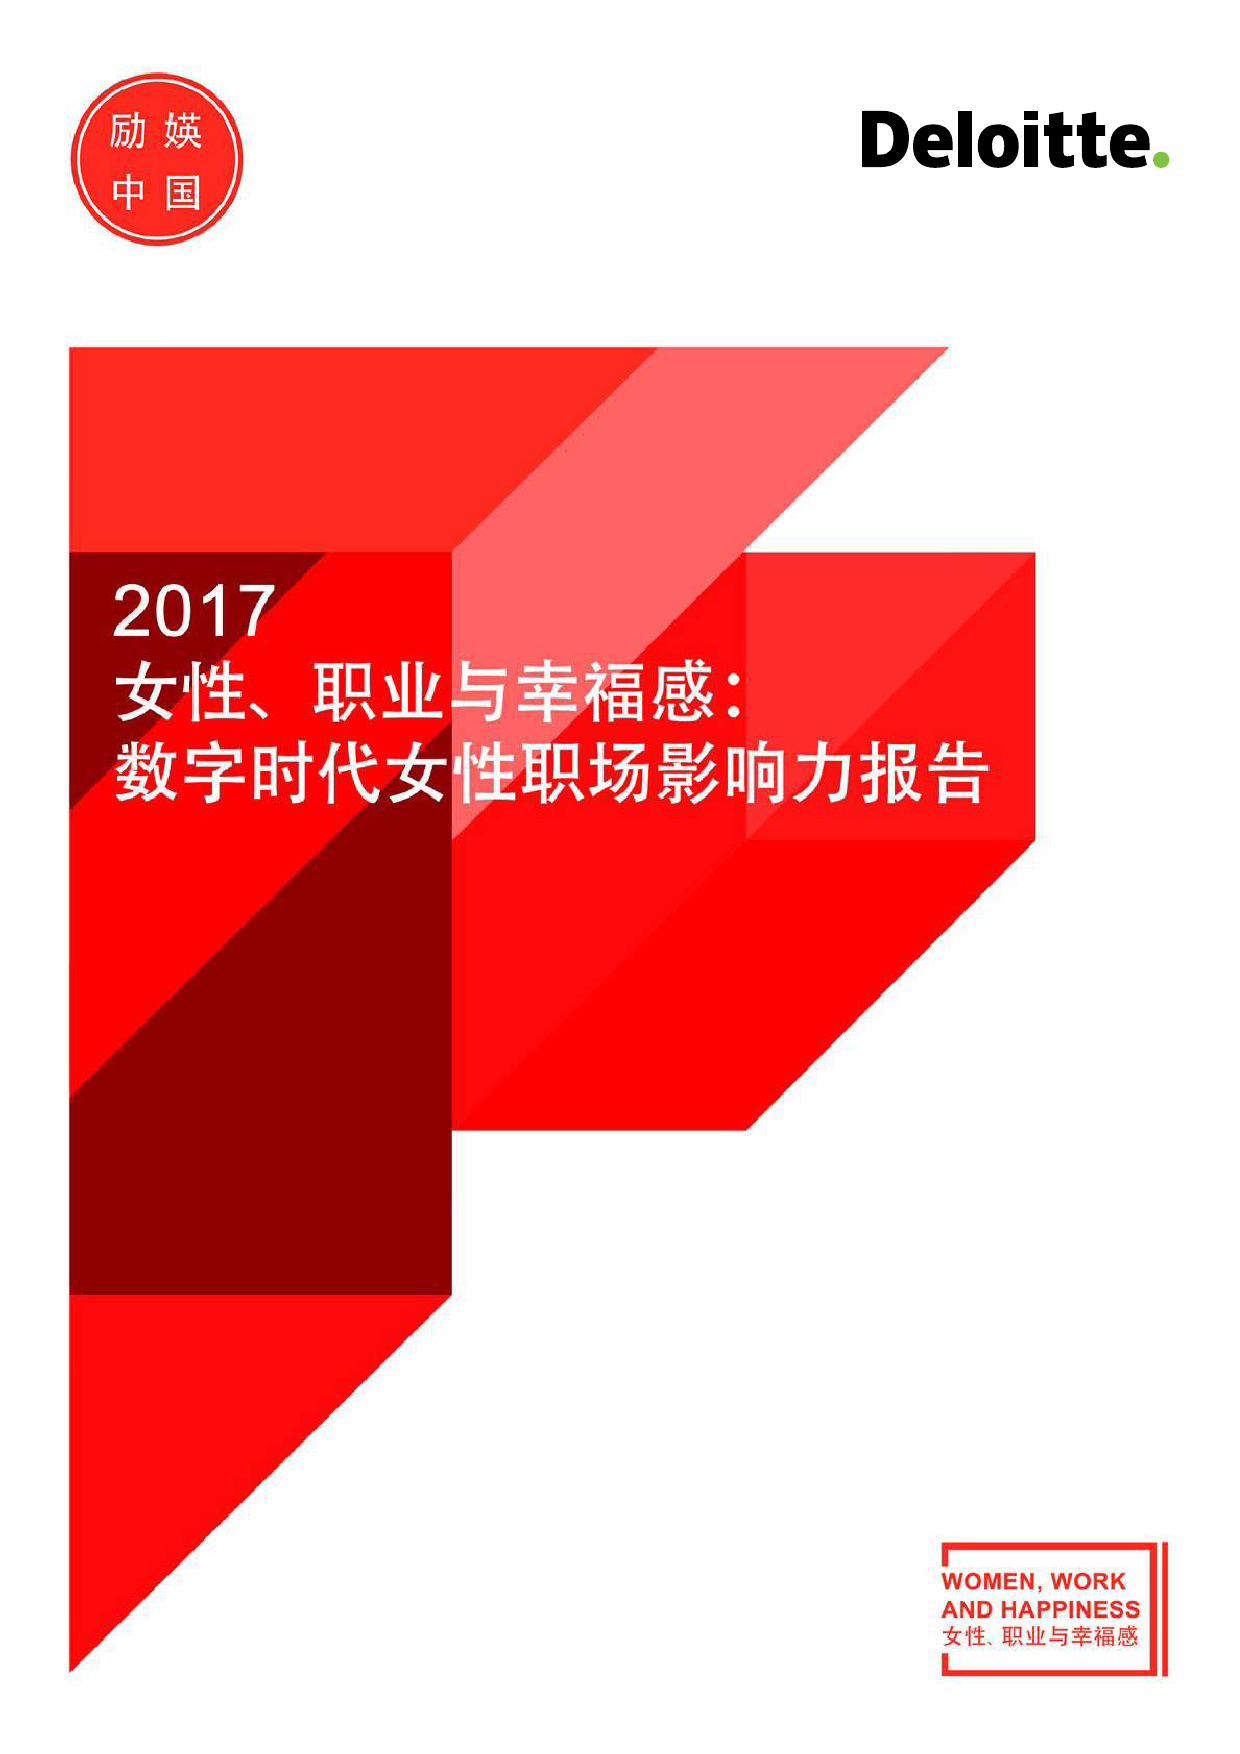 2017女性、职业与幸福感:数字数代女性职场影响力报告